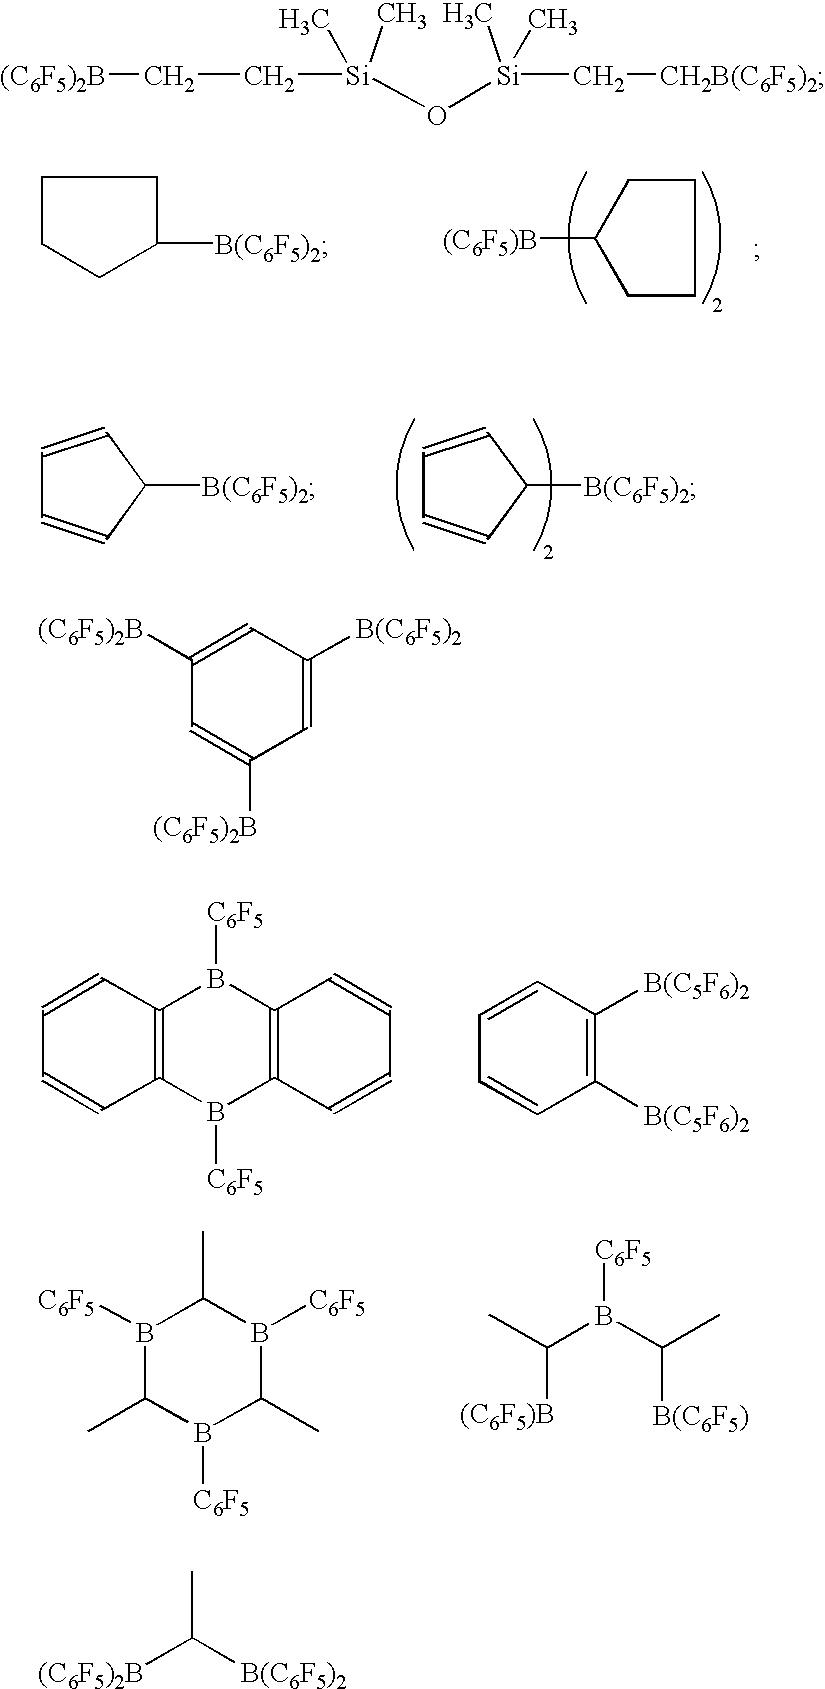 Figure US20030139287A1-20030724-C00007